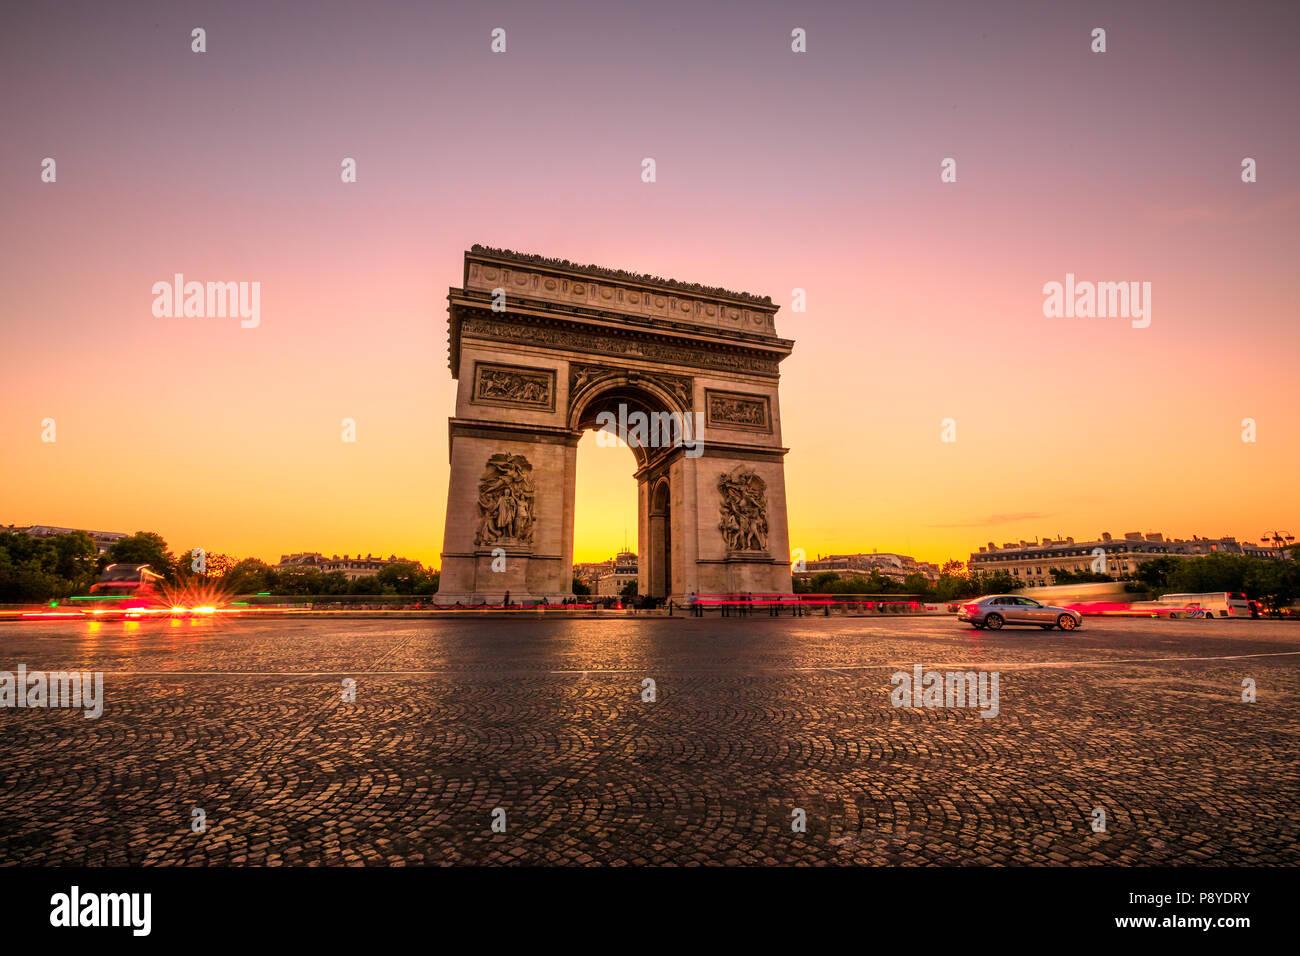 Triumphbogen in der Dämmerung. Triumphbogen am Ende der Champs Elysees Place Charles de Gaulle mit Autos und Strecken der Lichter. Beliebte Sehenswürdigkeiten und touristische Attraktion in Paris, Hauptstadt von Frankreich. Stockbild